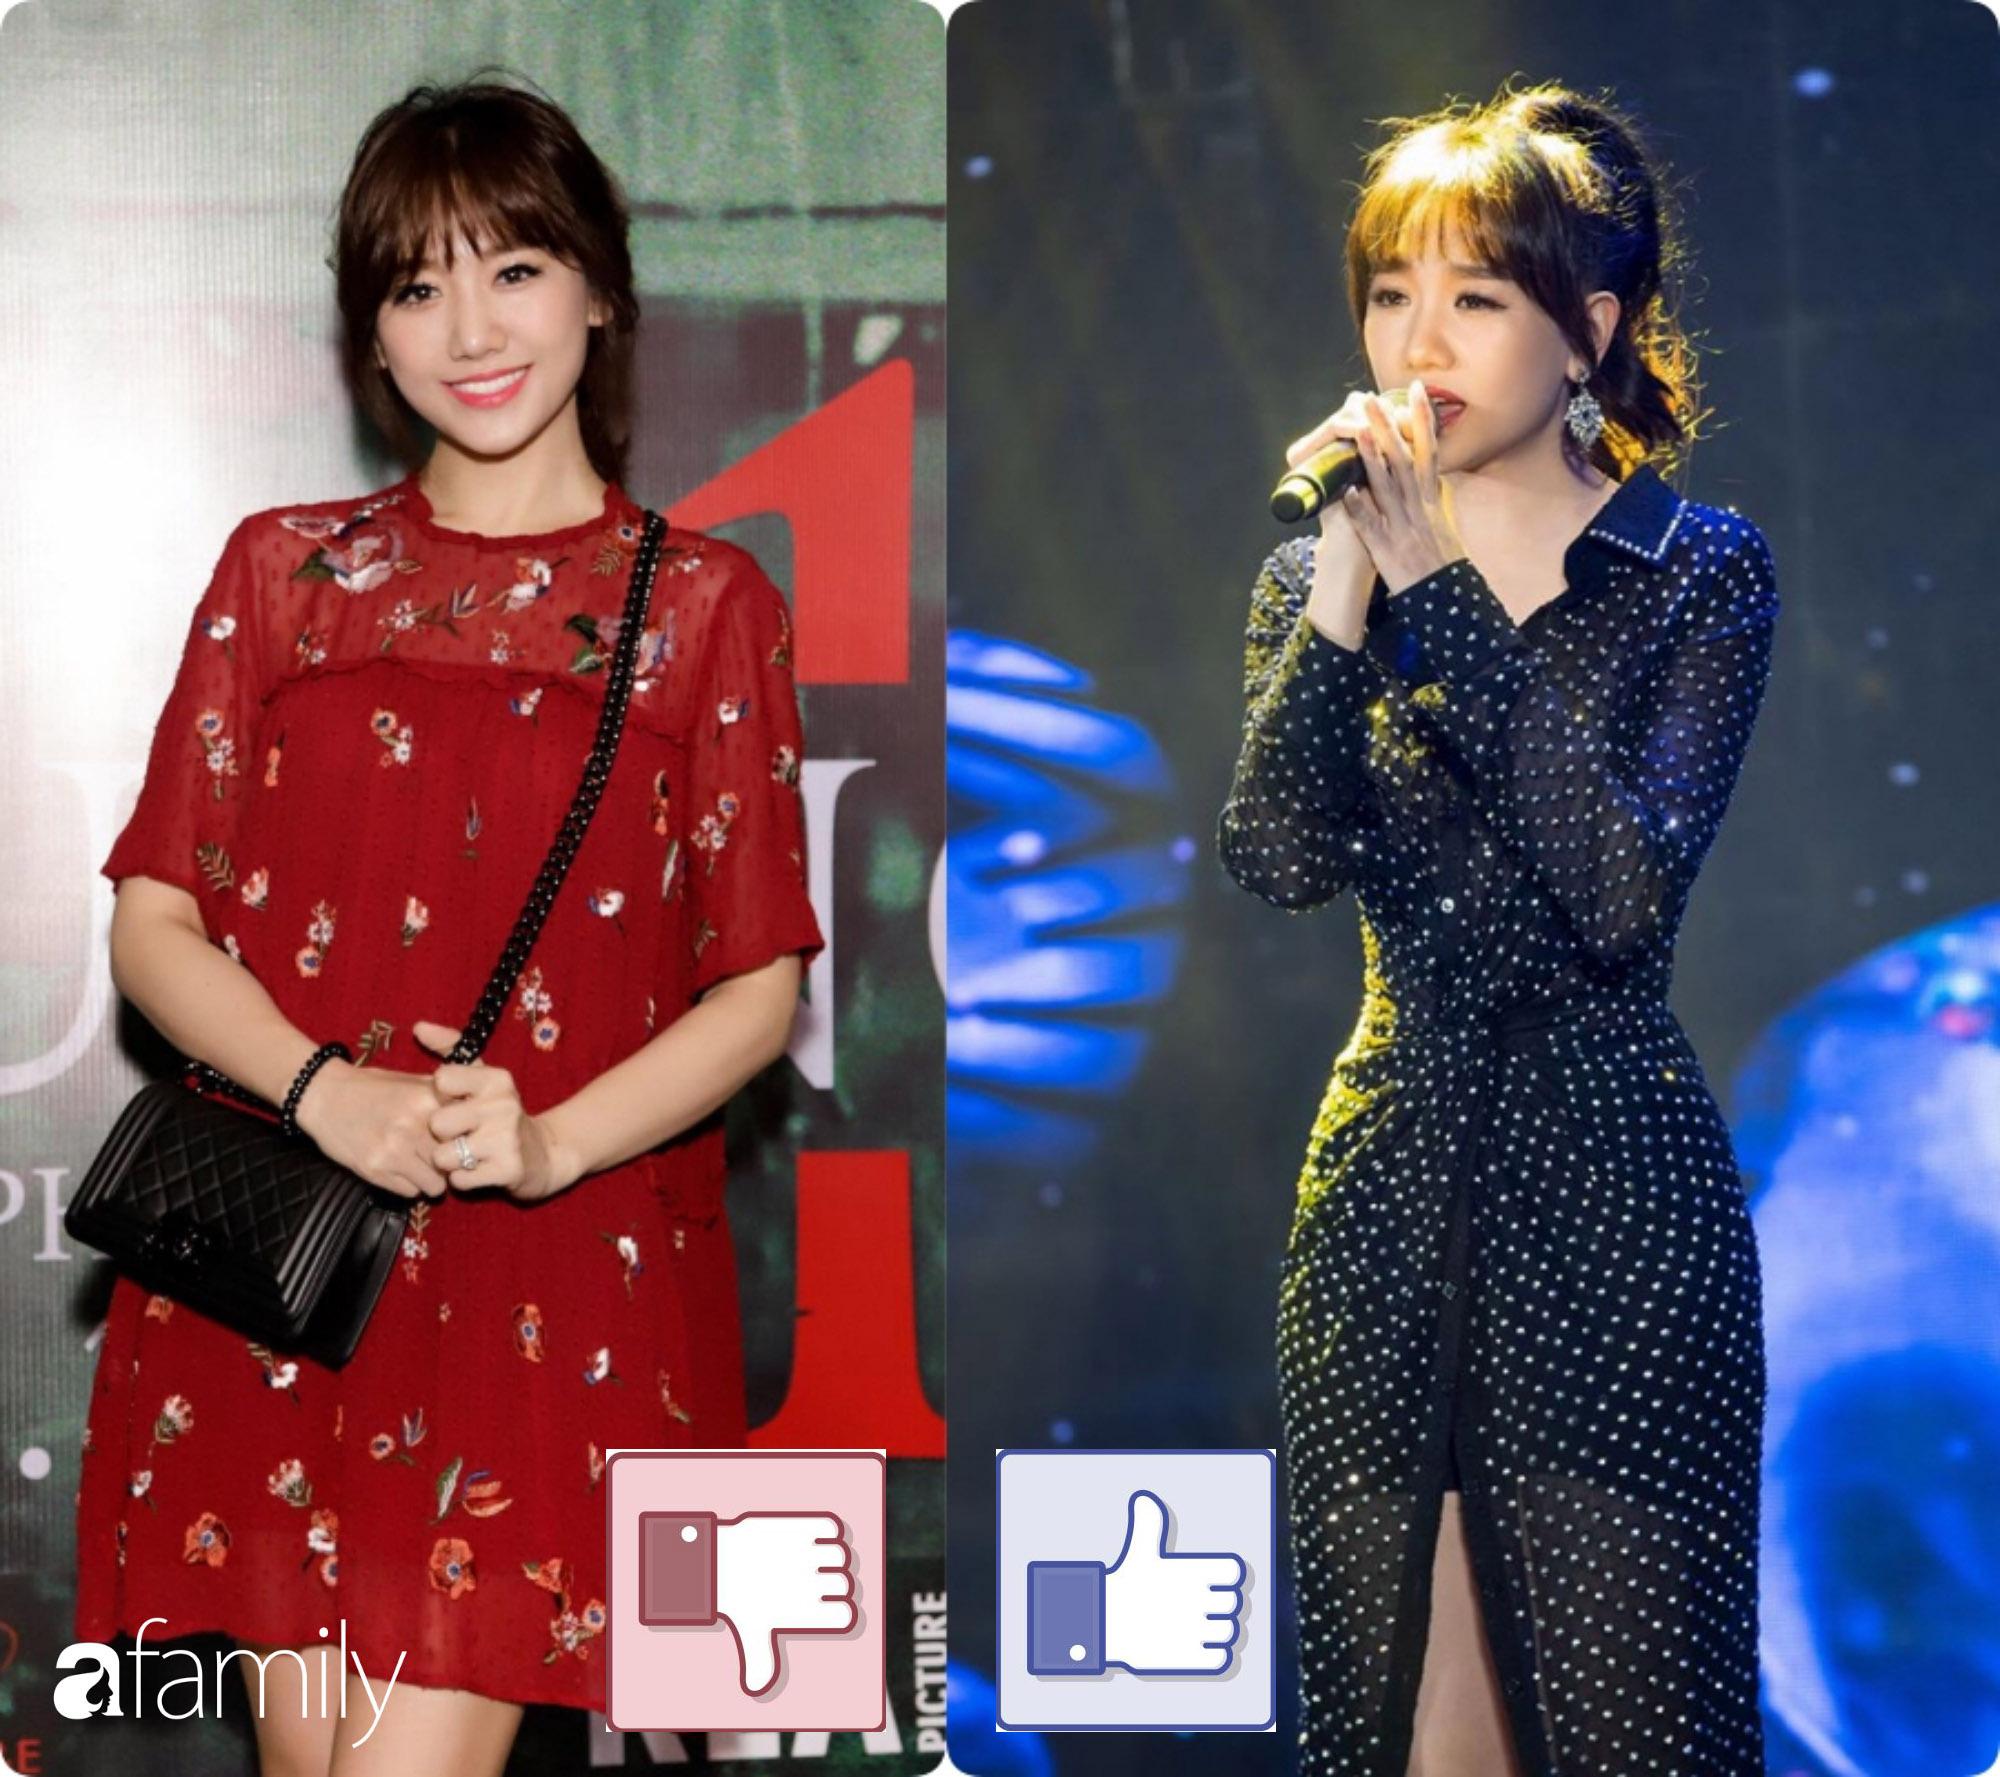 Không phải váy áo ôm sát, mà chính kiểu dáng này lại khiến Hari Won như bầu bí mấy tháng, các chị em cũng nên nhìn mà tránh - Ảnh 6.